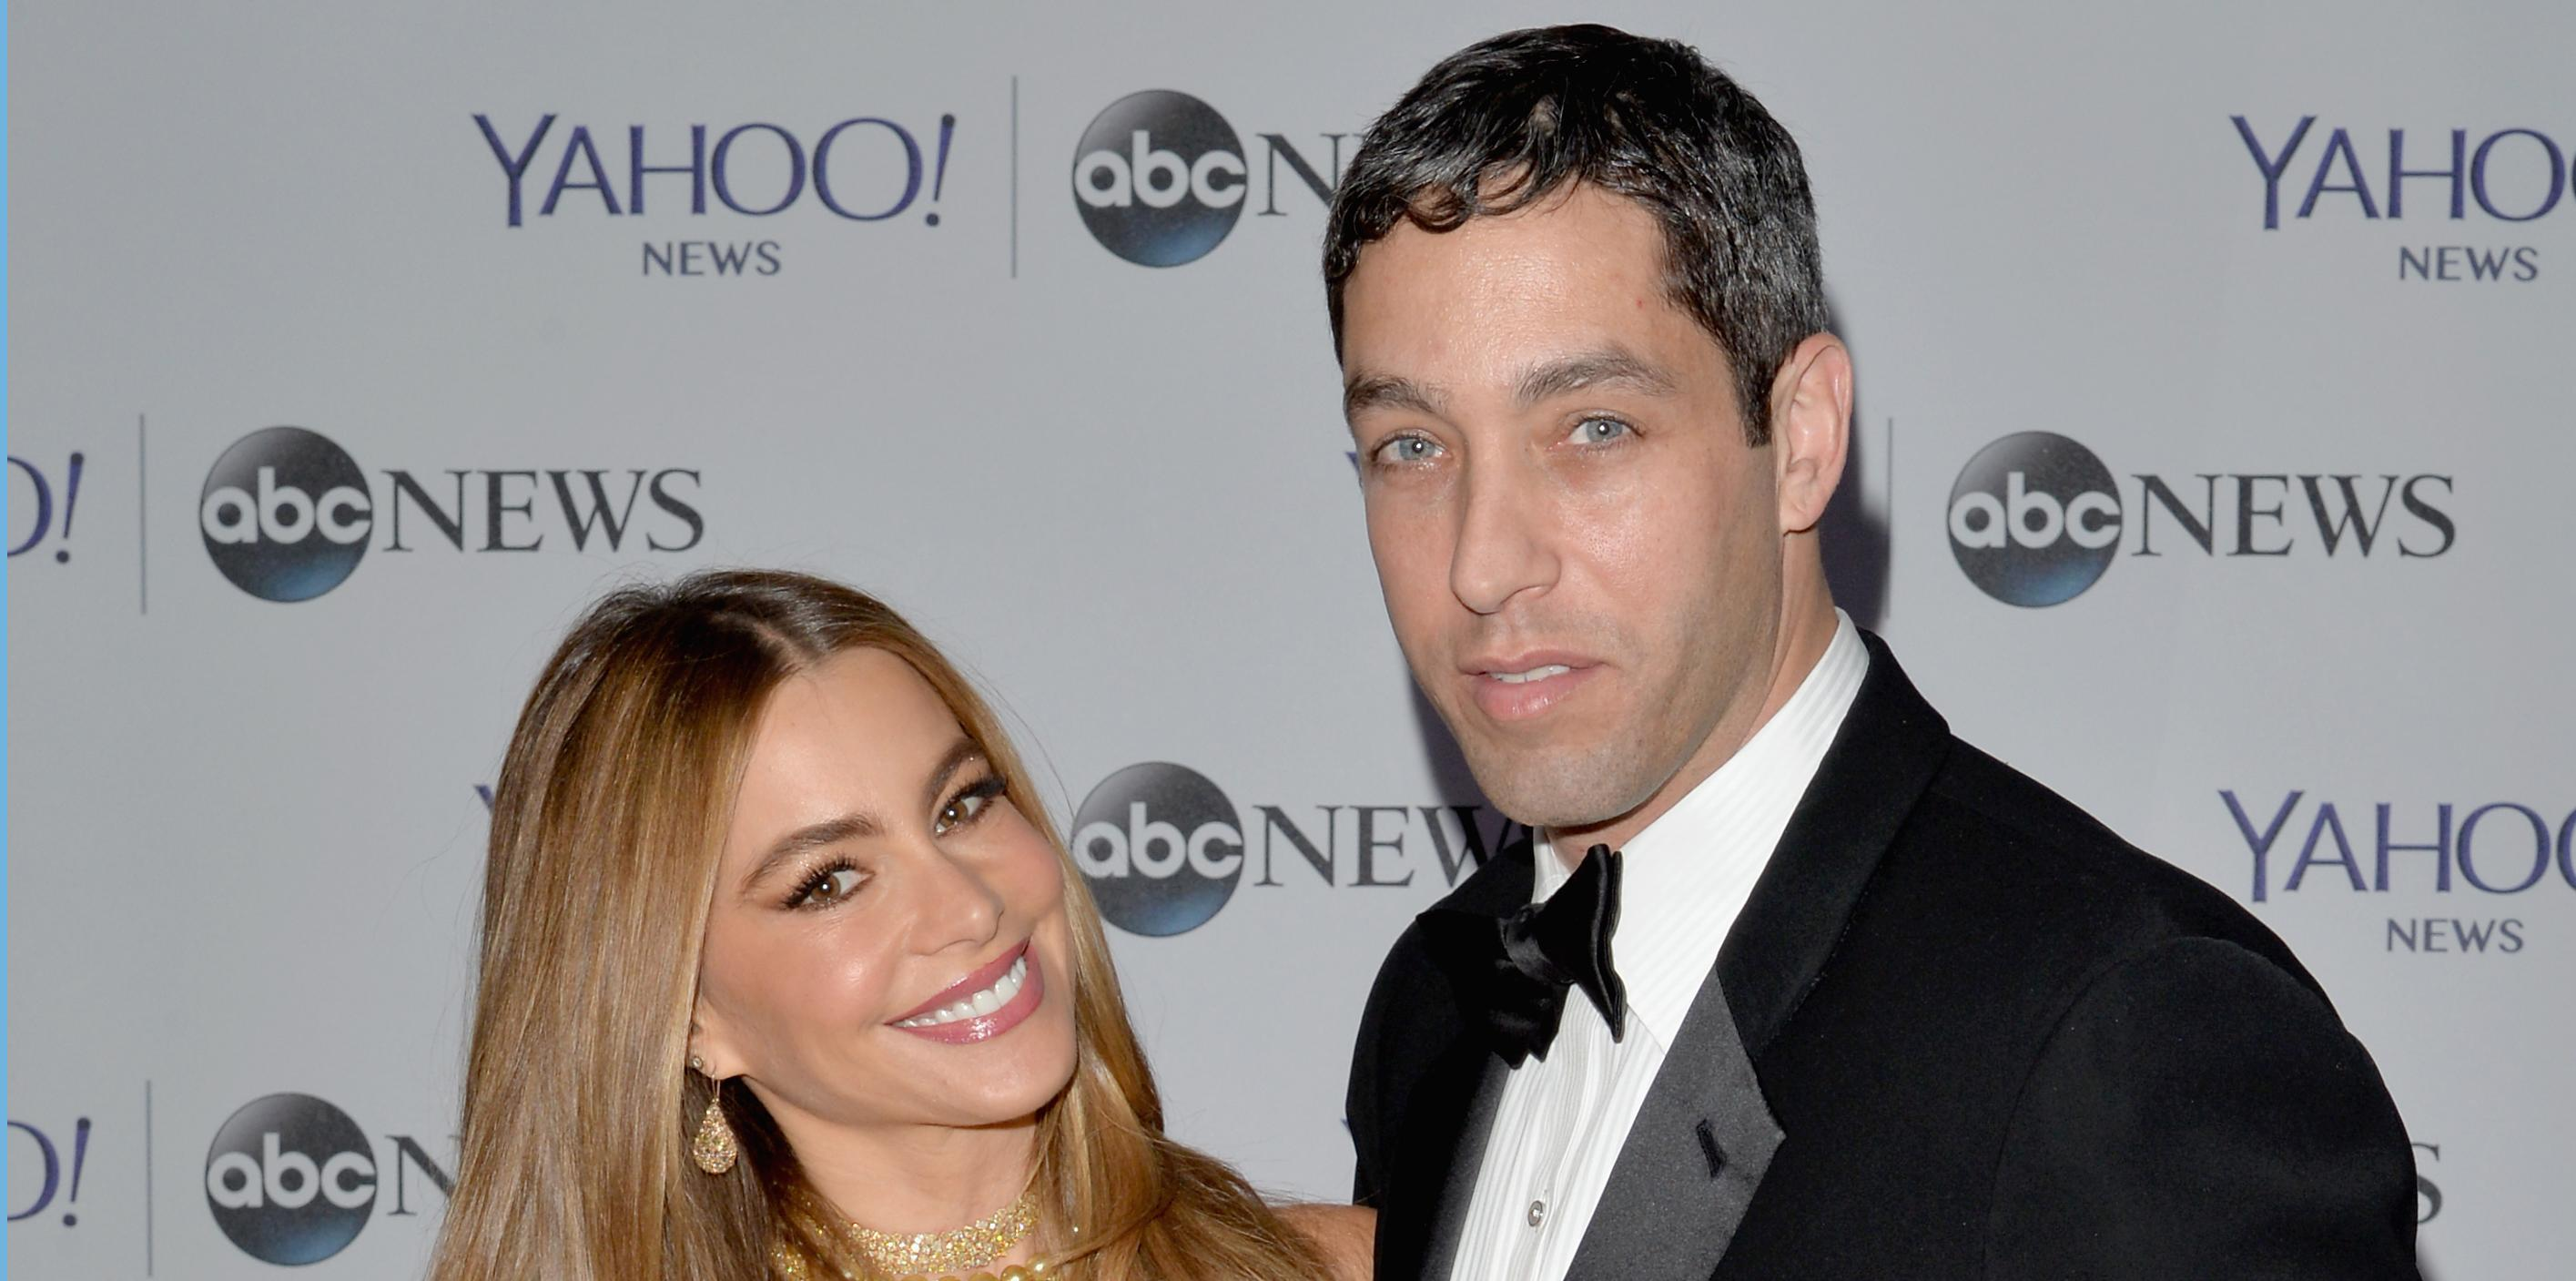 Yahoo News/ABCNews Pre White House Correspondents' Dinner Reception Pre Party